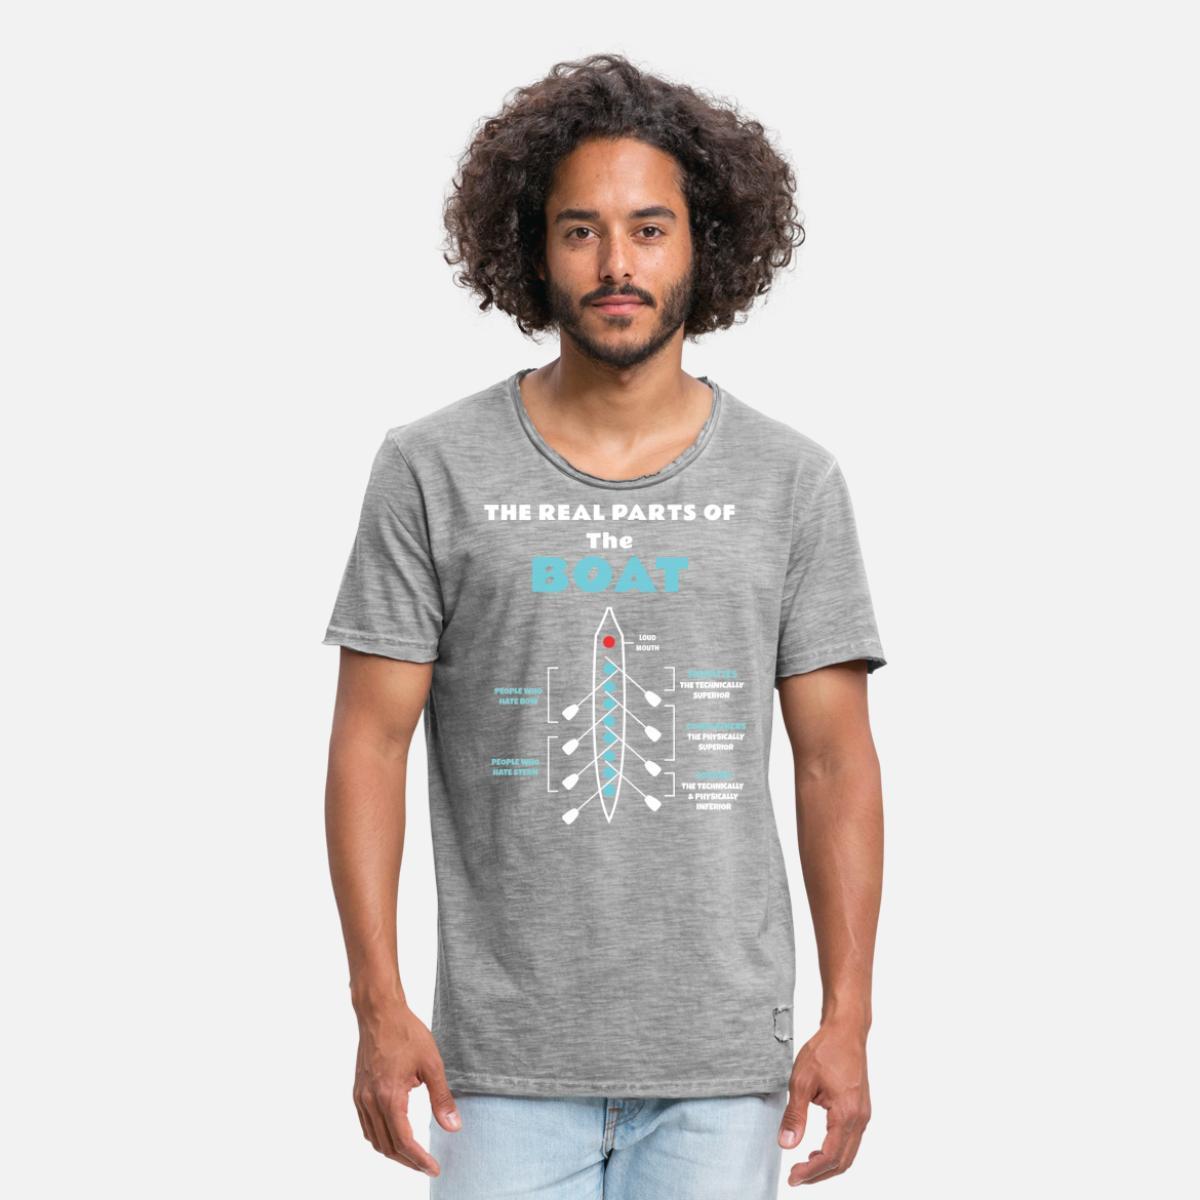 Bestill Kano T skjorter på nett | Spreadshirt